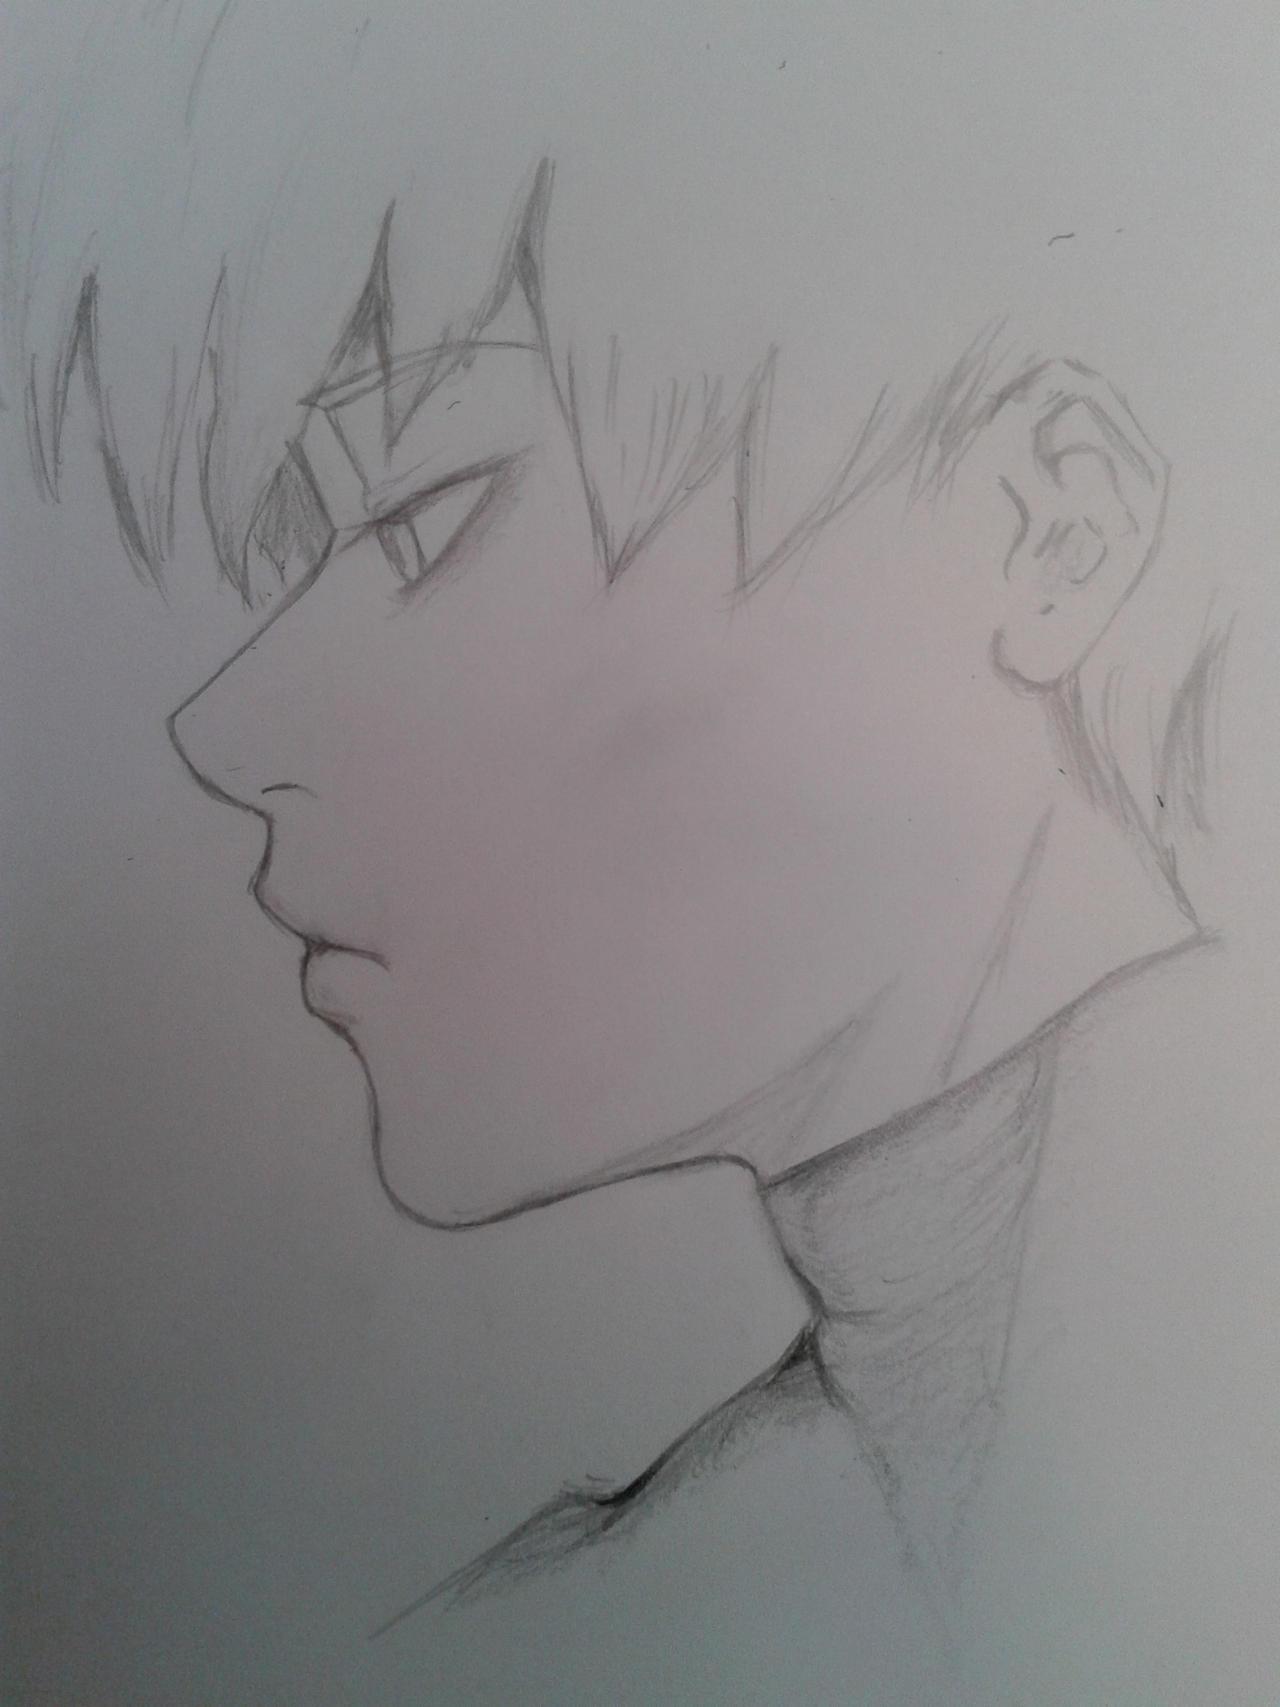 kaneki tokyo ghoul by kiyoe94 on DeviantArt